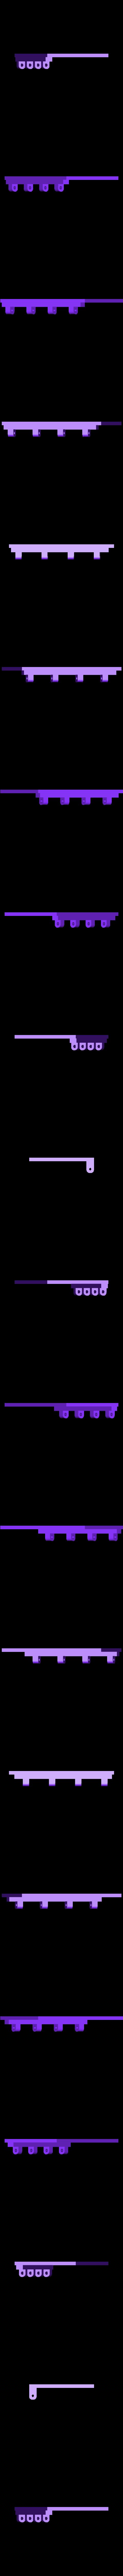 Assembly_House_2_-_Door_Frame_Outer.stl Télécharger fichier STL gratuit Petit maison en jouet • Design à imprimer en 3D, crprinting